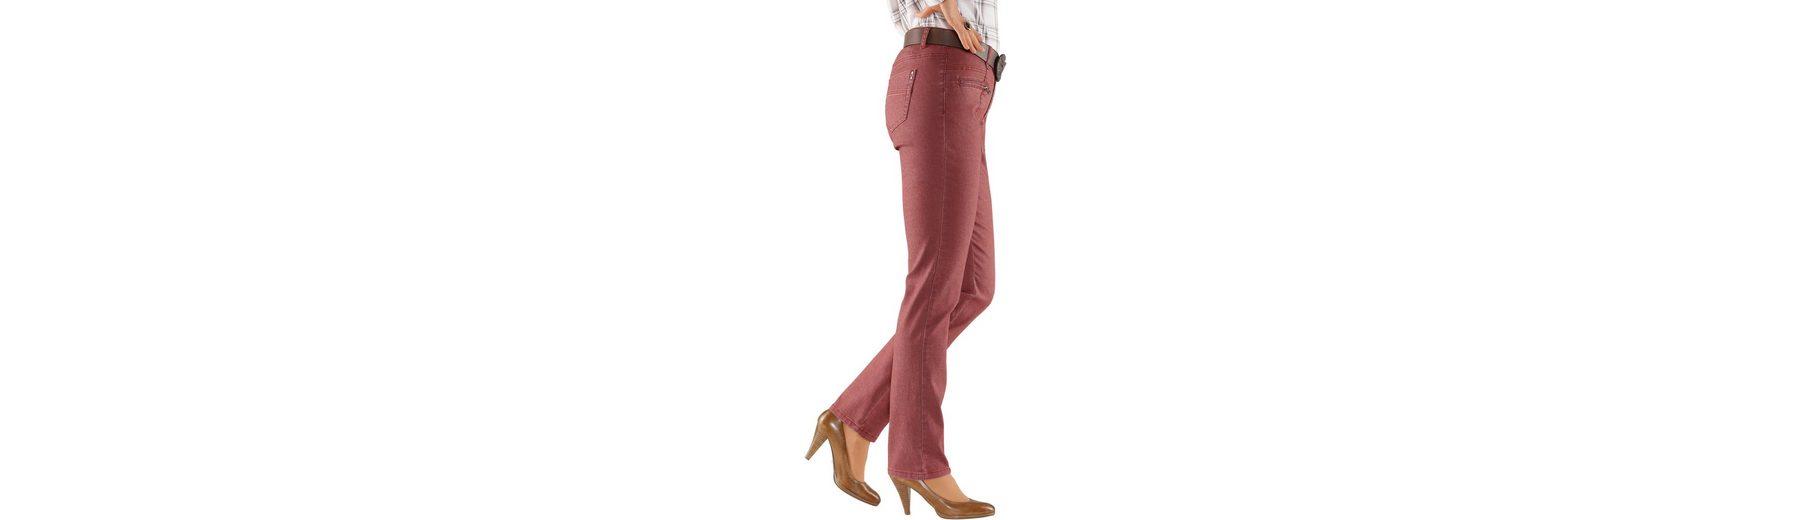 Freies Verschiffen Sast Günstiger Preis Top-Qualität Collection L. Jeans mit Ziernaht im Vorderteil Spielraum Günstigsten Preis v48HPEGK